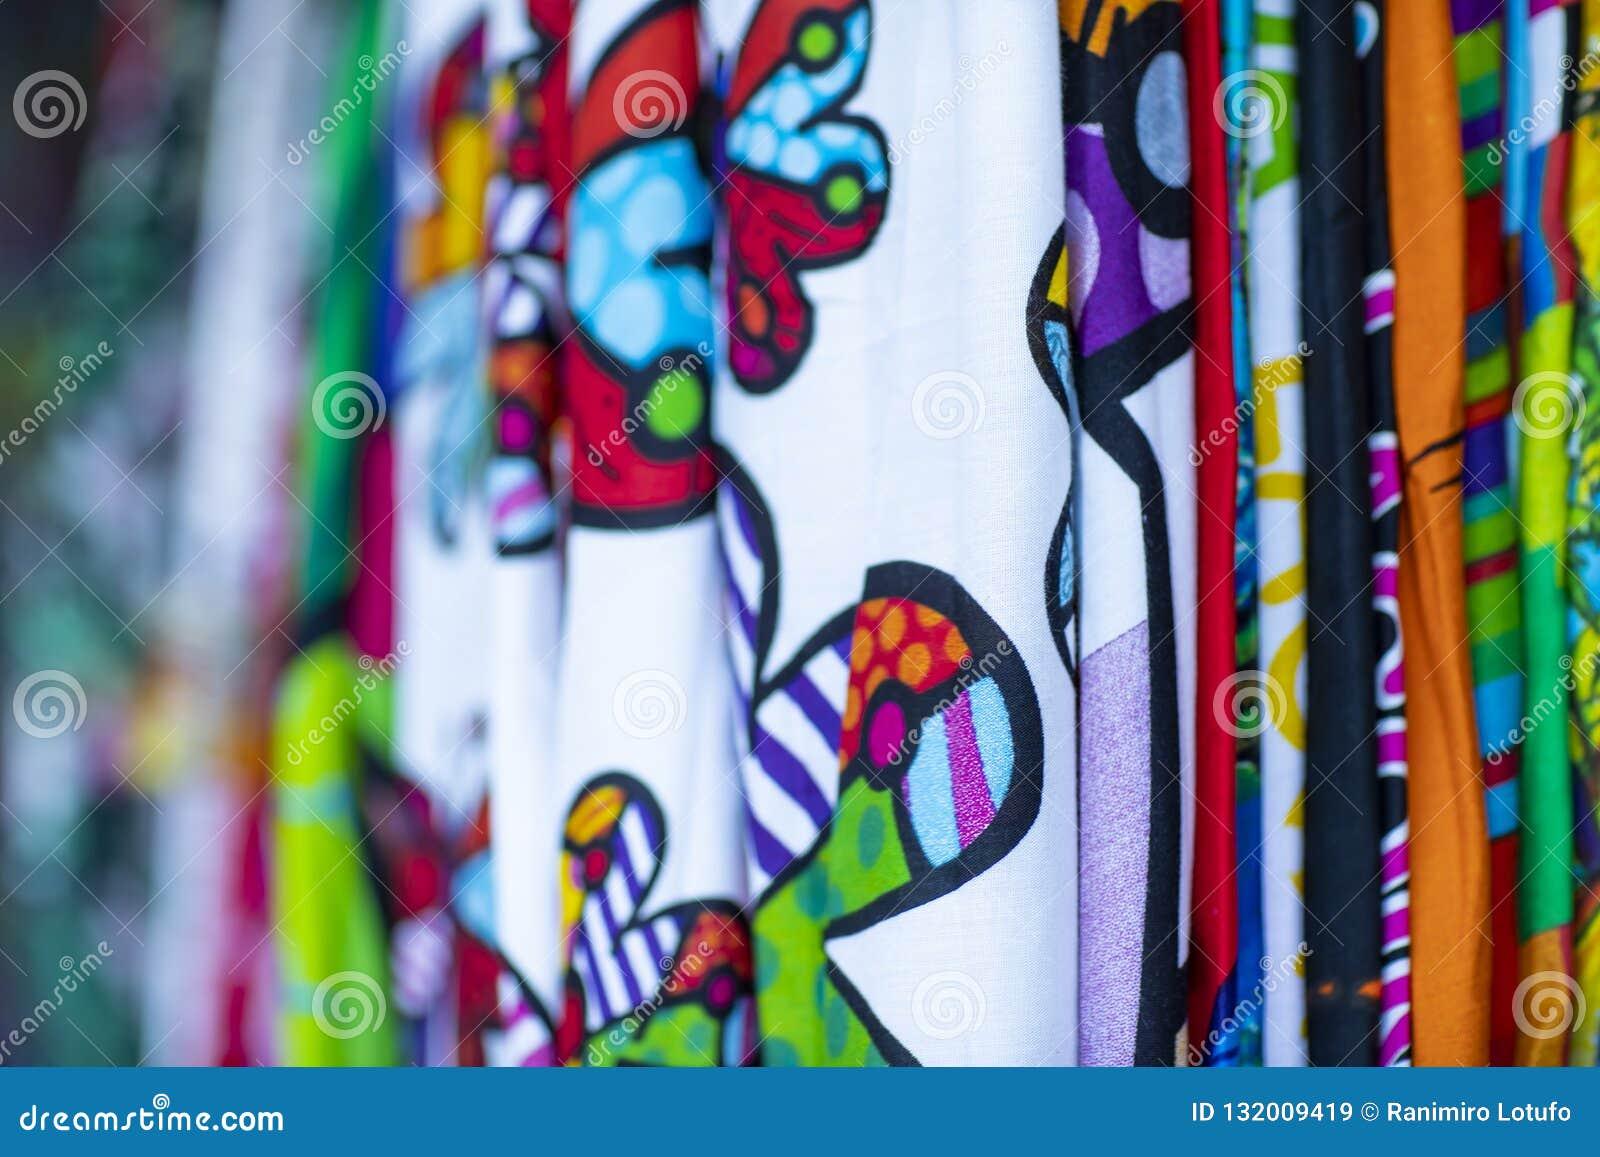 Färgrika tyger som hänger och fodras Tyger med olika modeller och kulöra rader